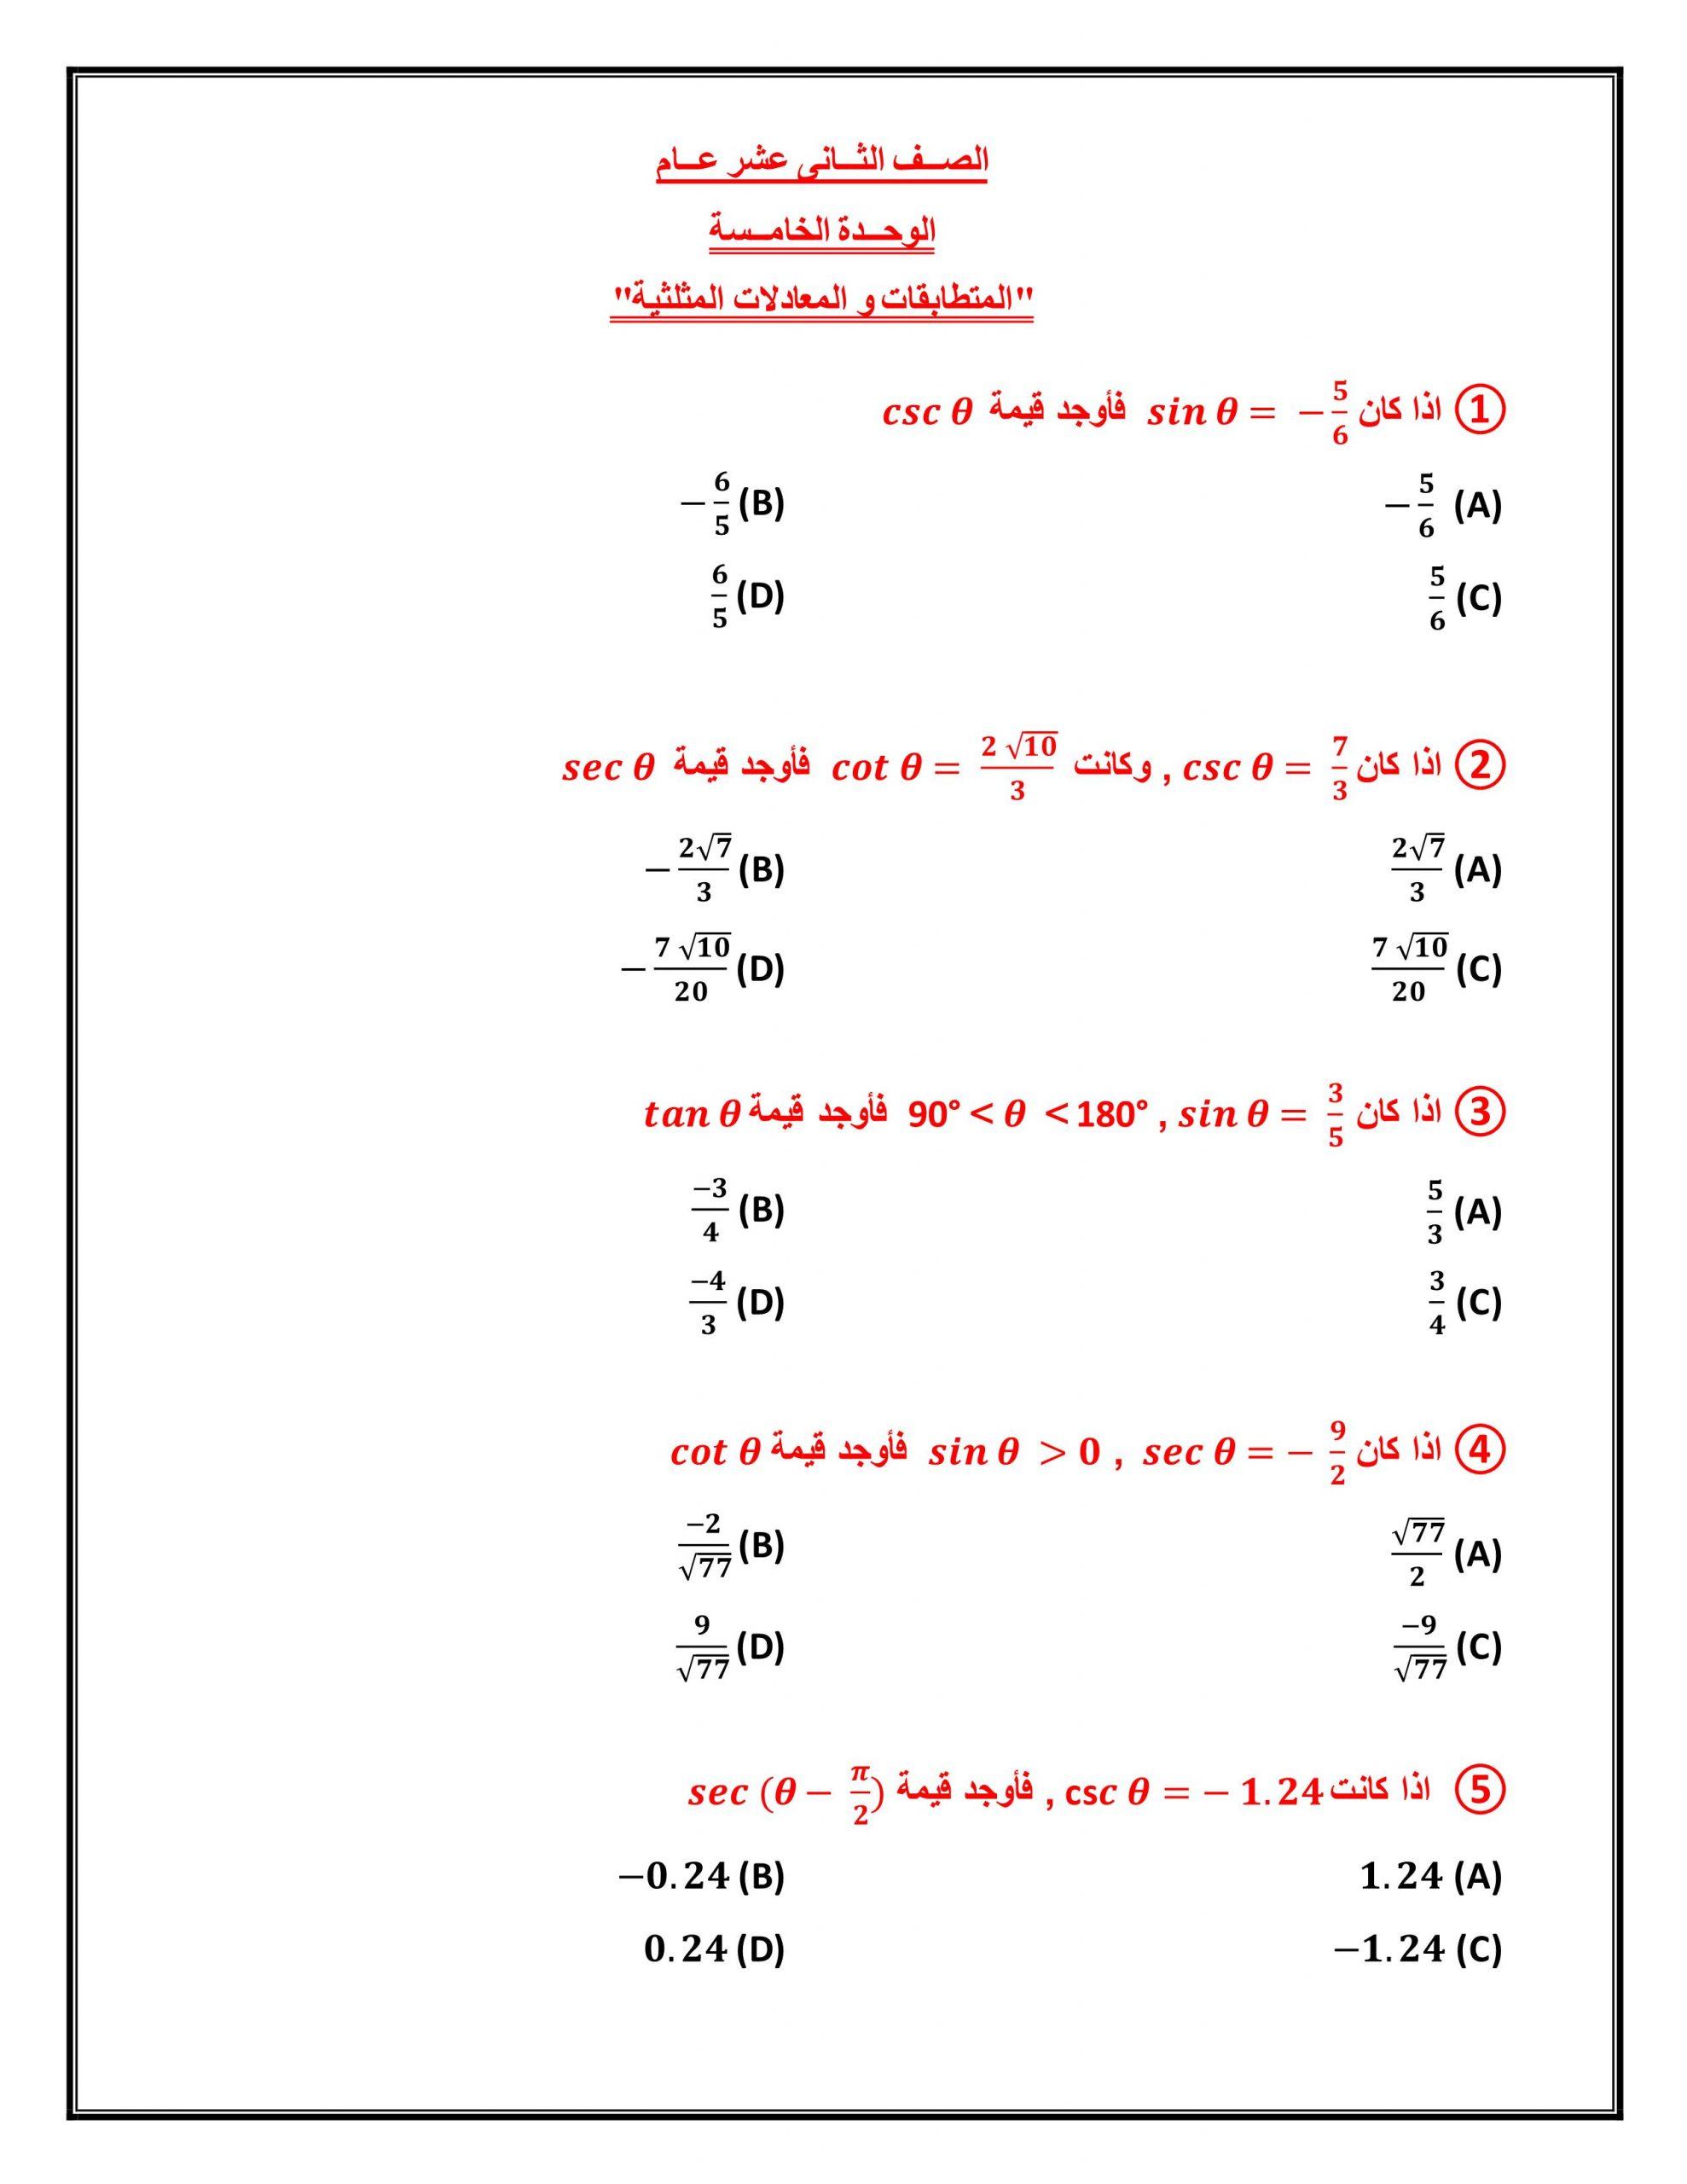 حل اوراق عمل المتطابقات و المعادلات المثلثية الصف الثاني عشر عام مادة الرياضيات المتكاملة